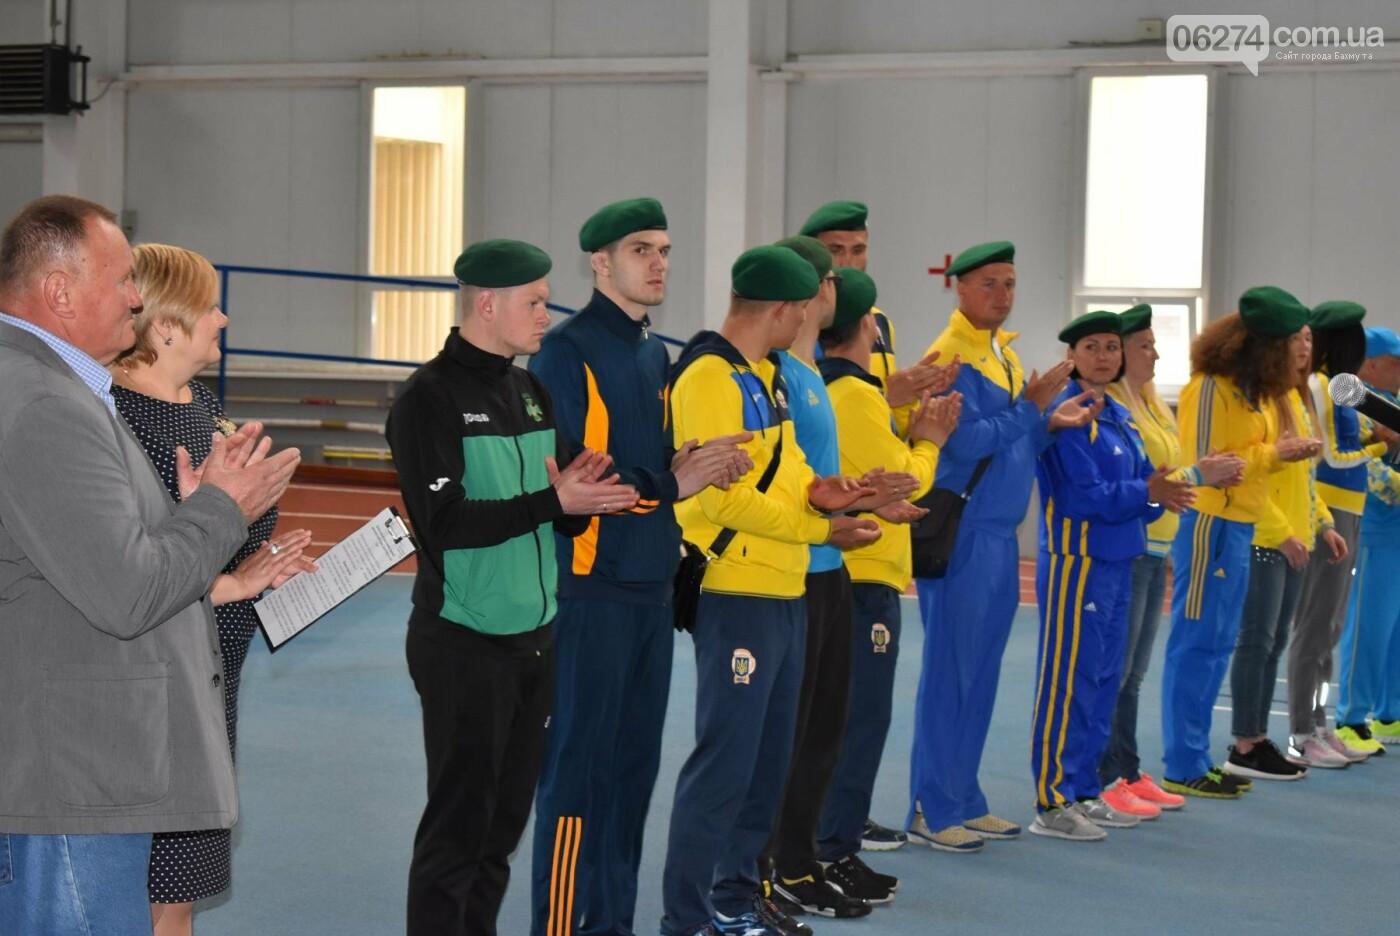 В Бахмуте презентовали спортсменов-олимпийцев Государственной пограничной службы Украины, фото-14